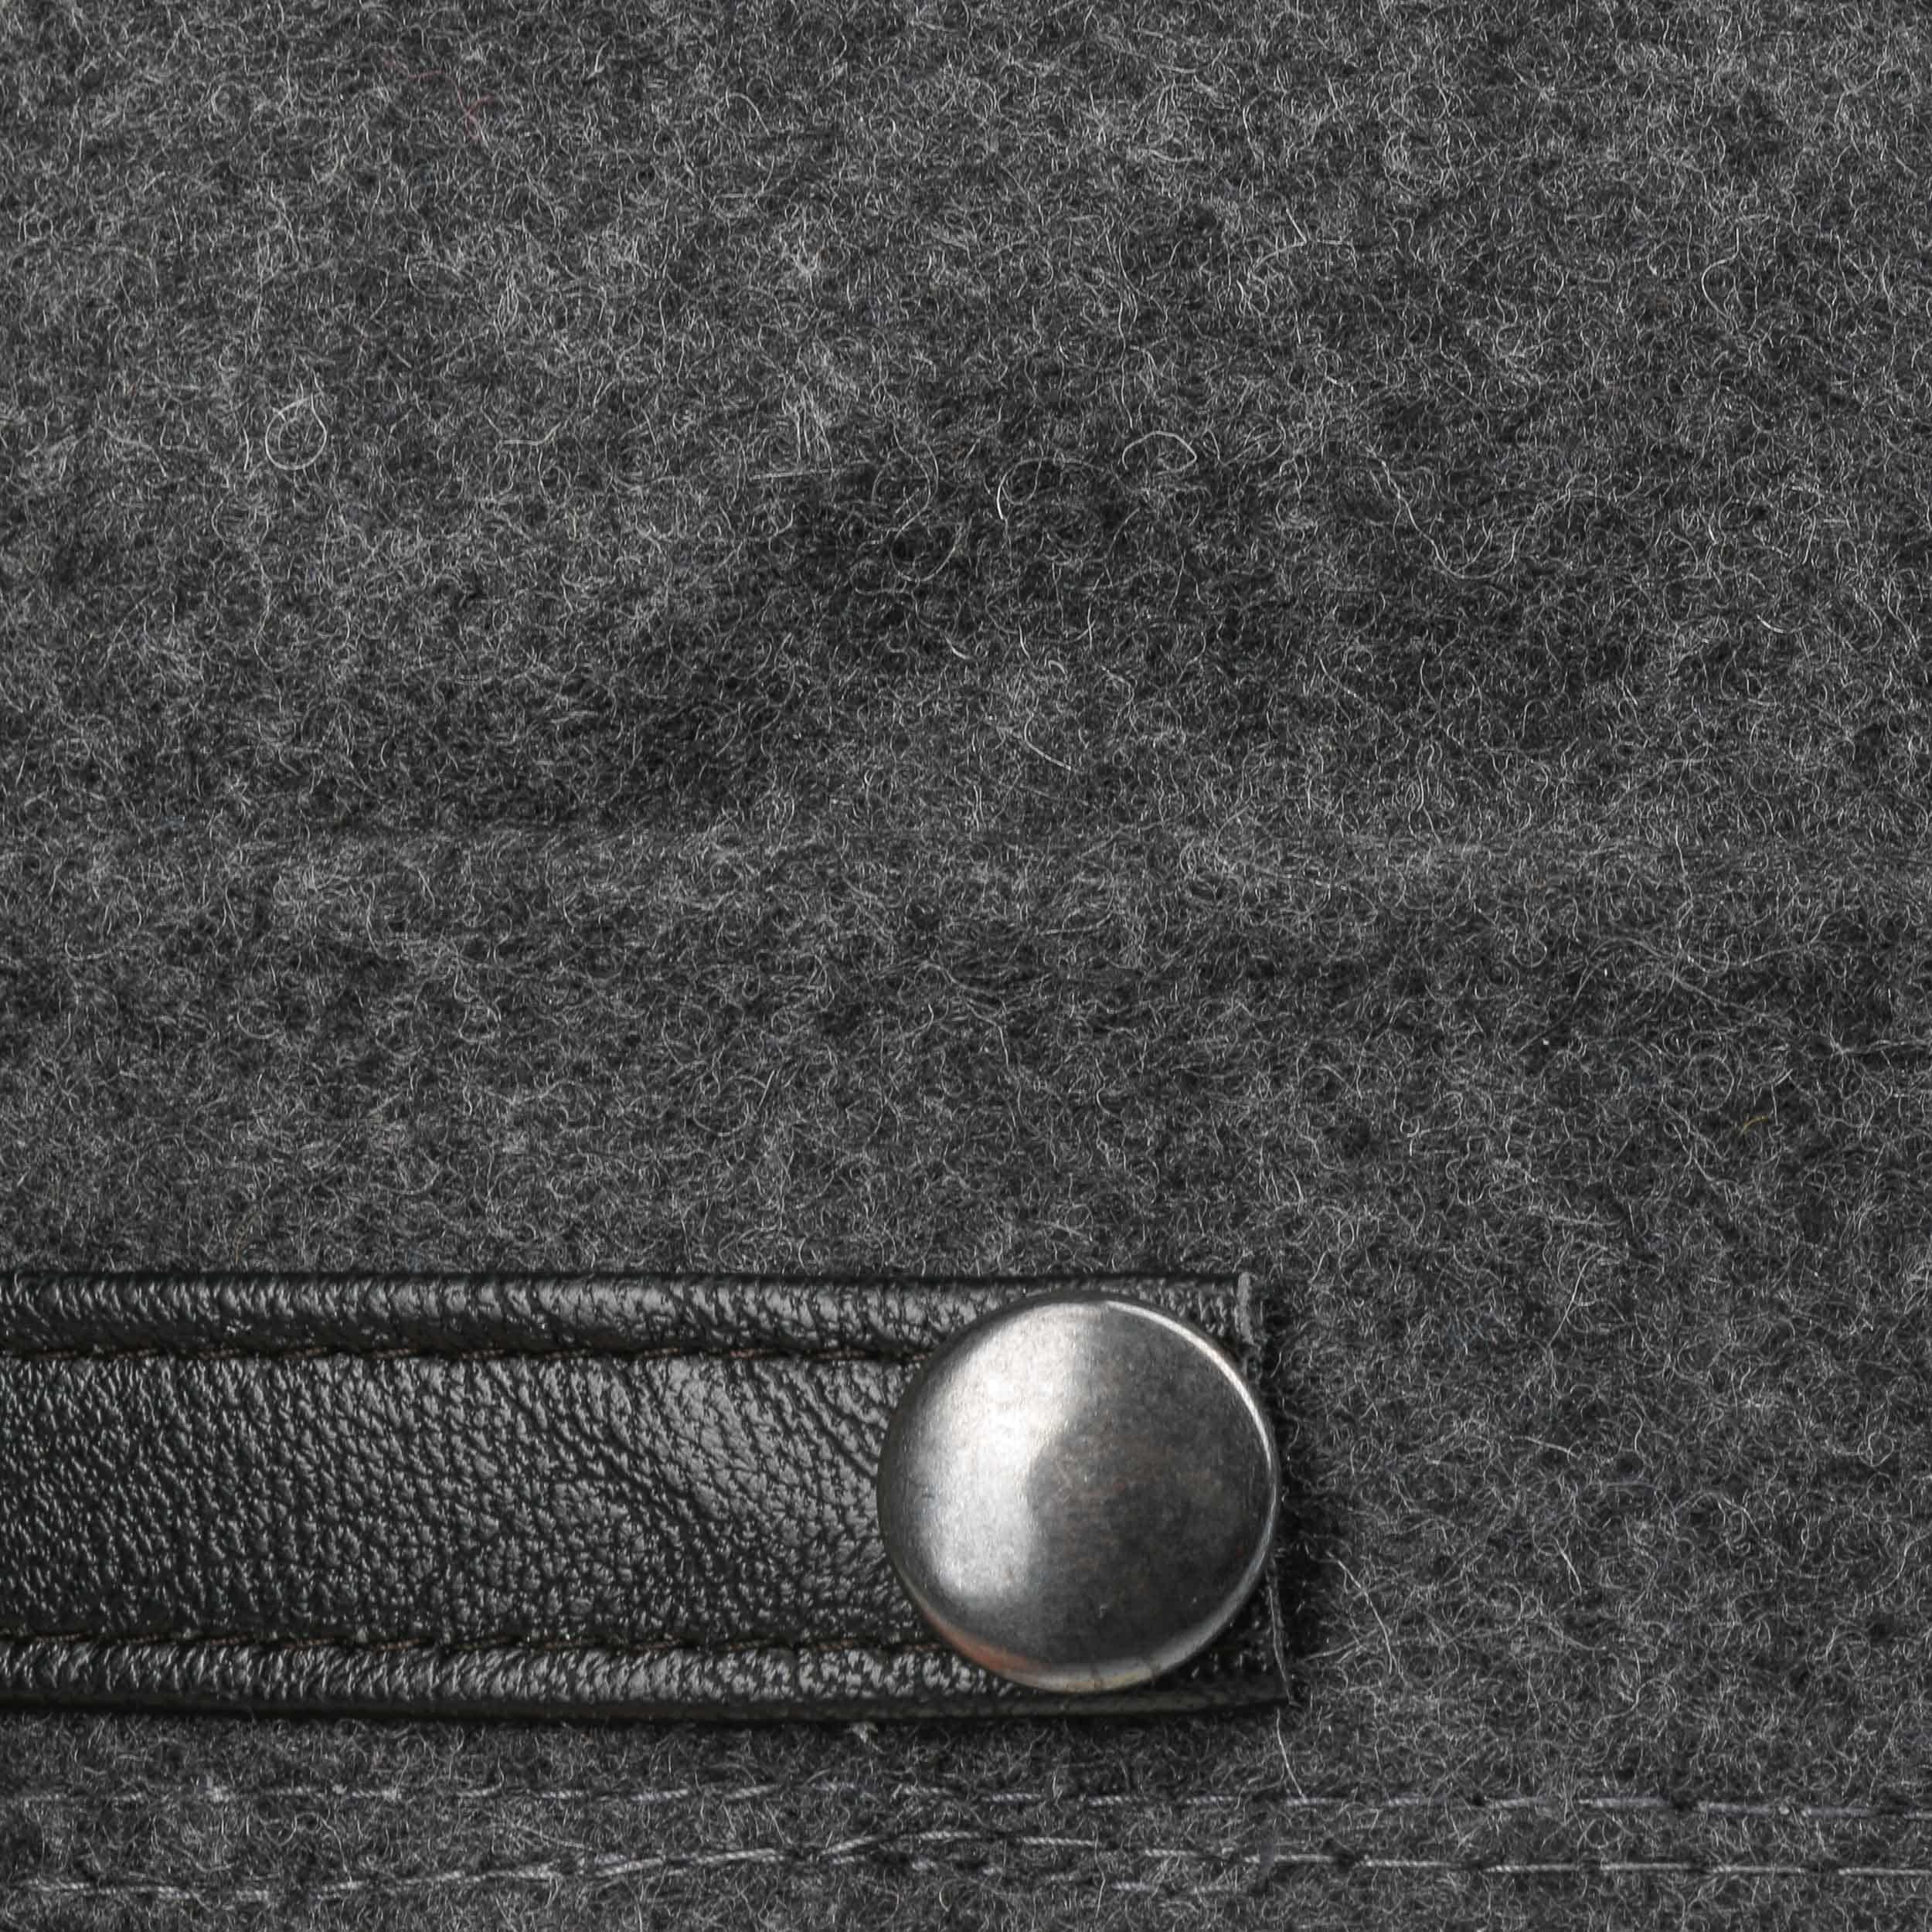 ... Berretto Sudista by Lipodo - grigio 5 ... c49814015227